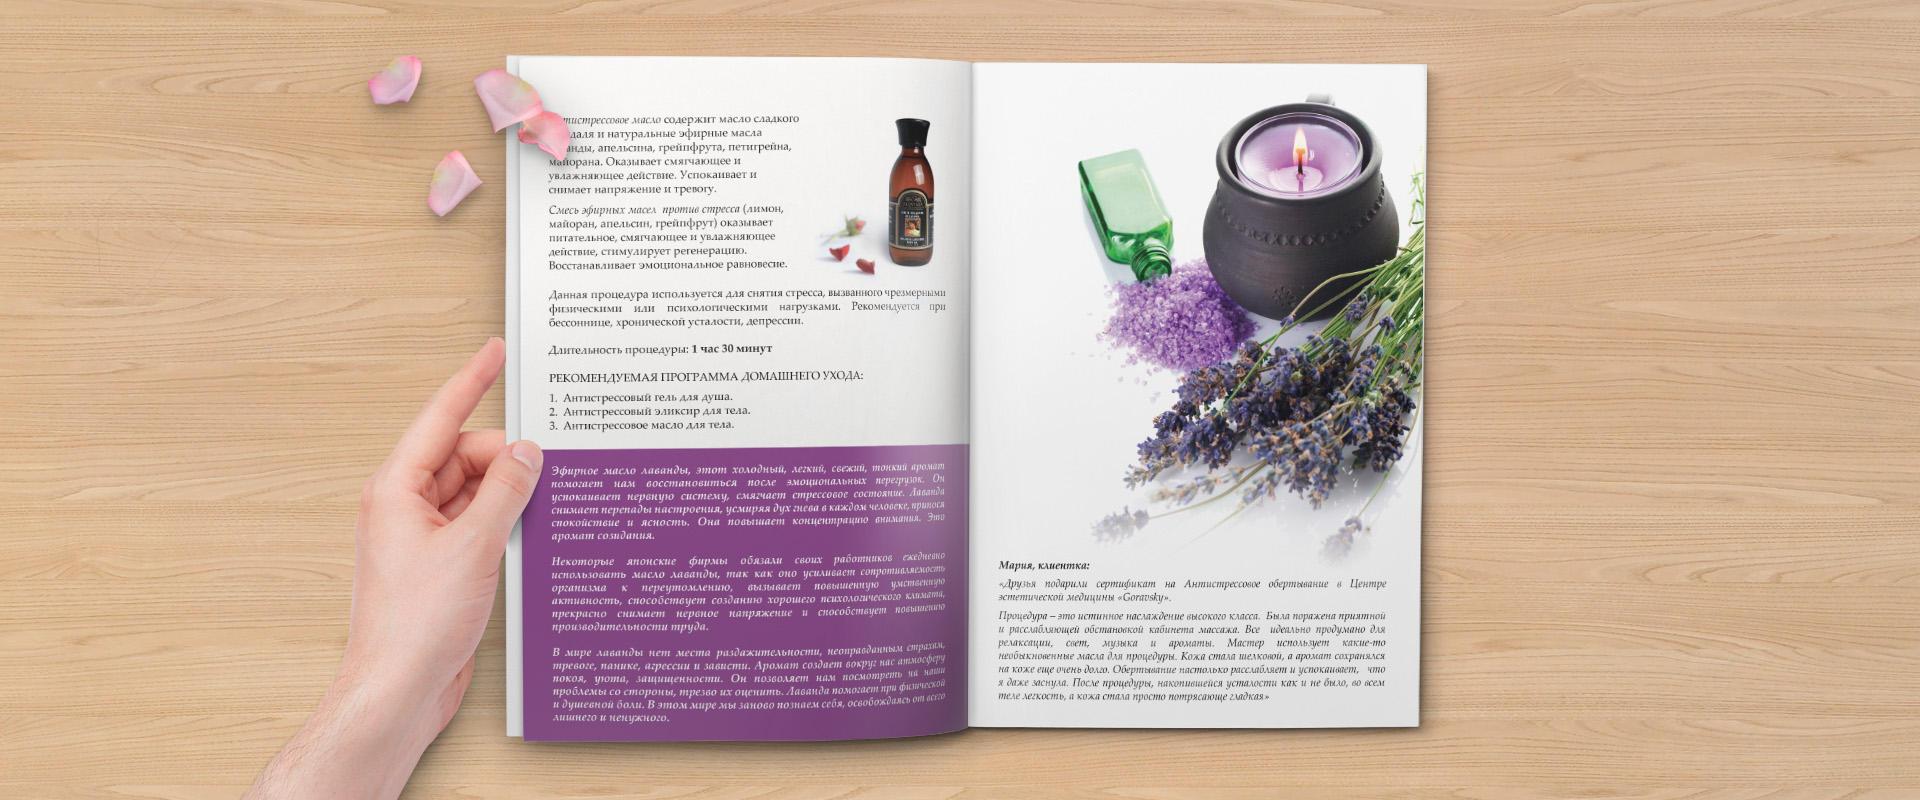 Создание журнала для центра эстетической медицины